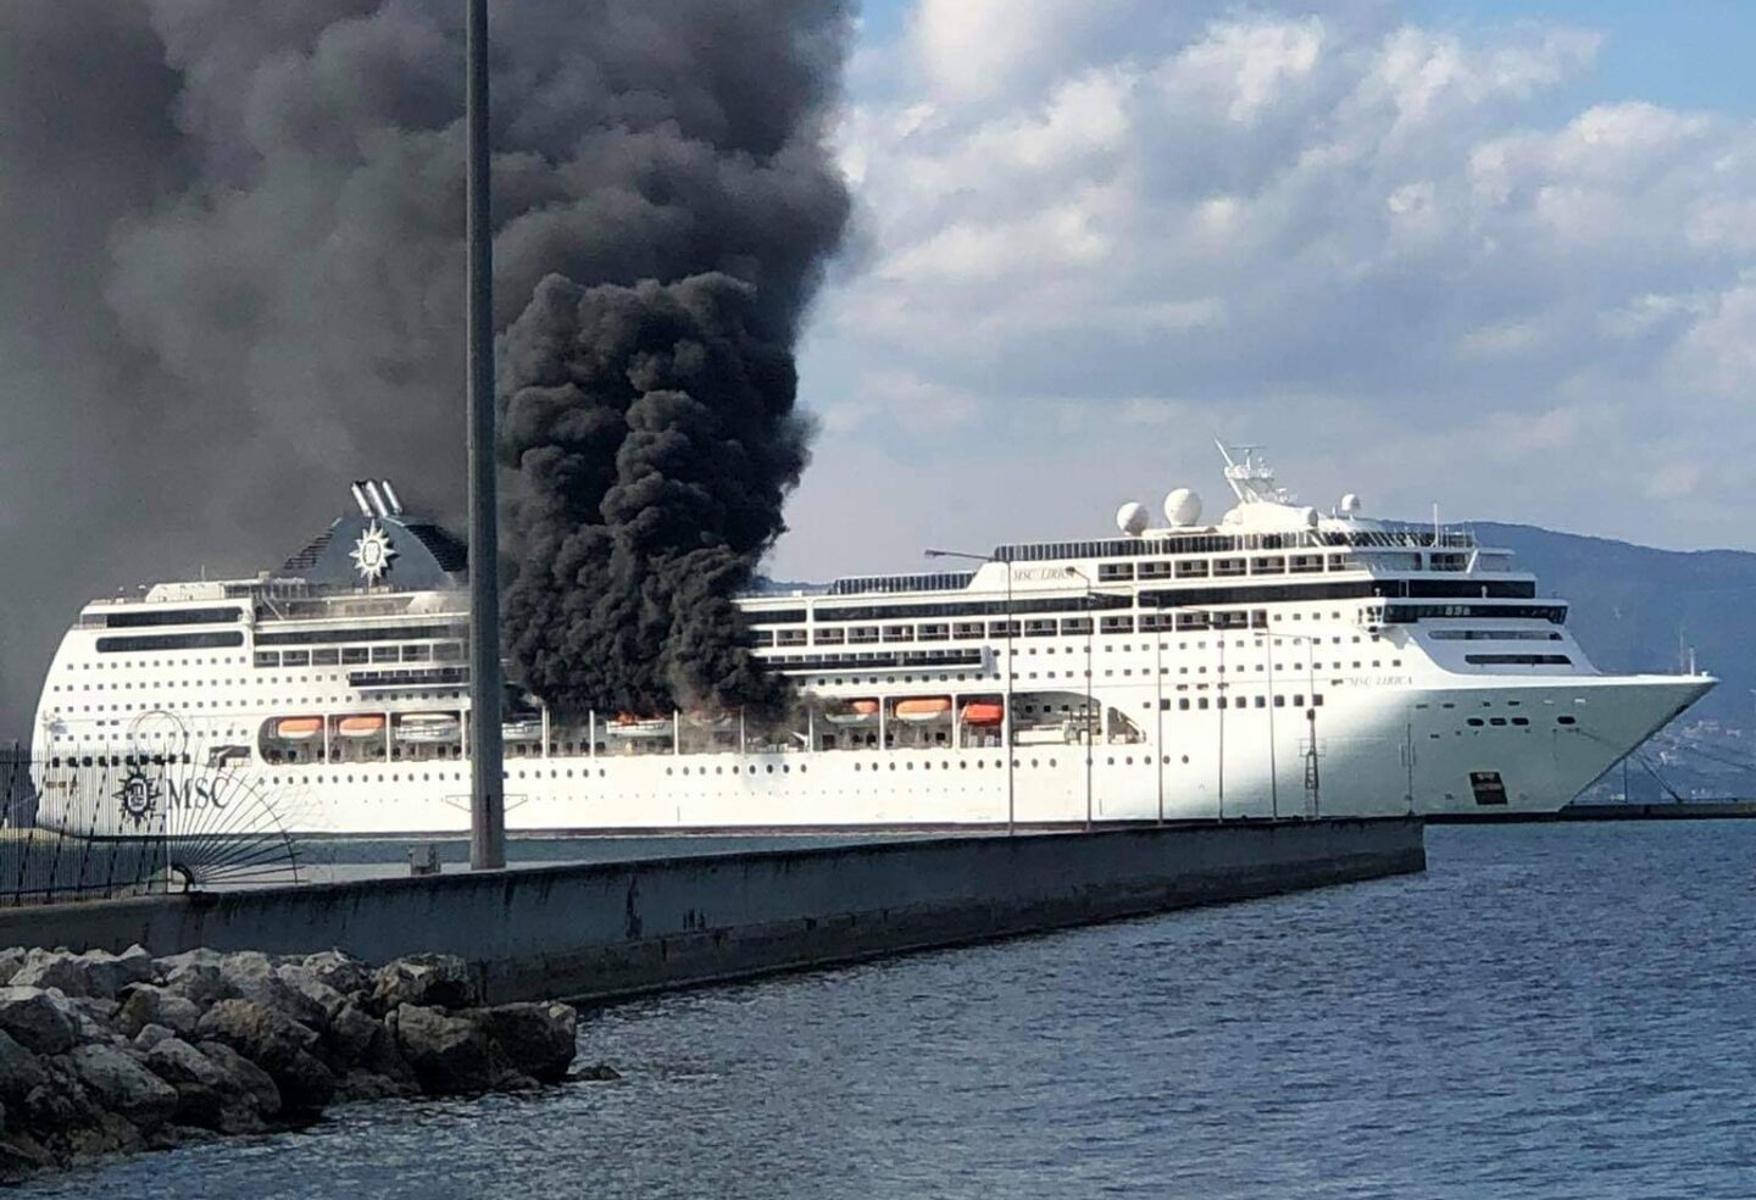 Κέρκυρα: Μεγάλη φωτιά σε κρουαζιερόπλοιο που βρίσκεται στο λιμάνι